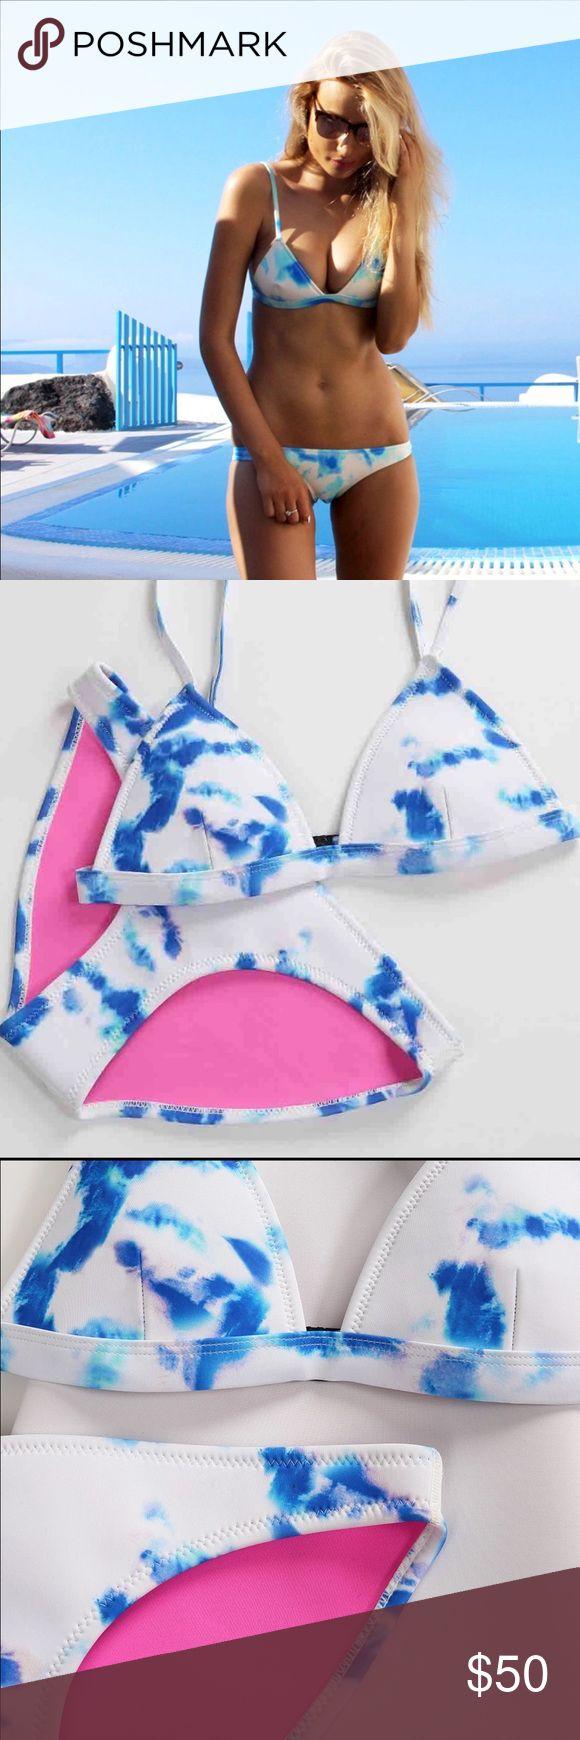 Tye dye neoprene triangl bikini Brand new. Dupe with triangl tags. Not authentic. Great quality triangl swimwear Swim Bikinis